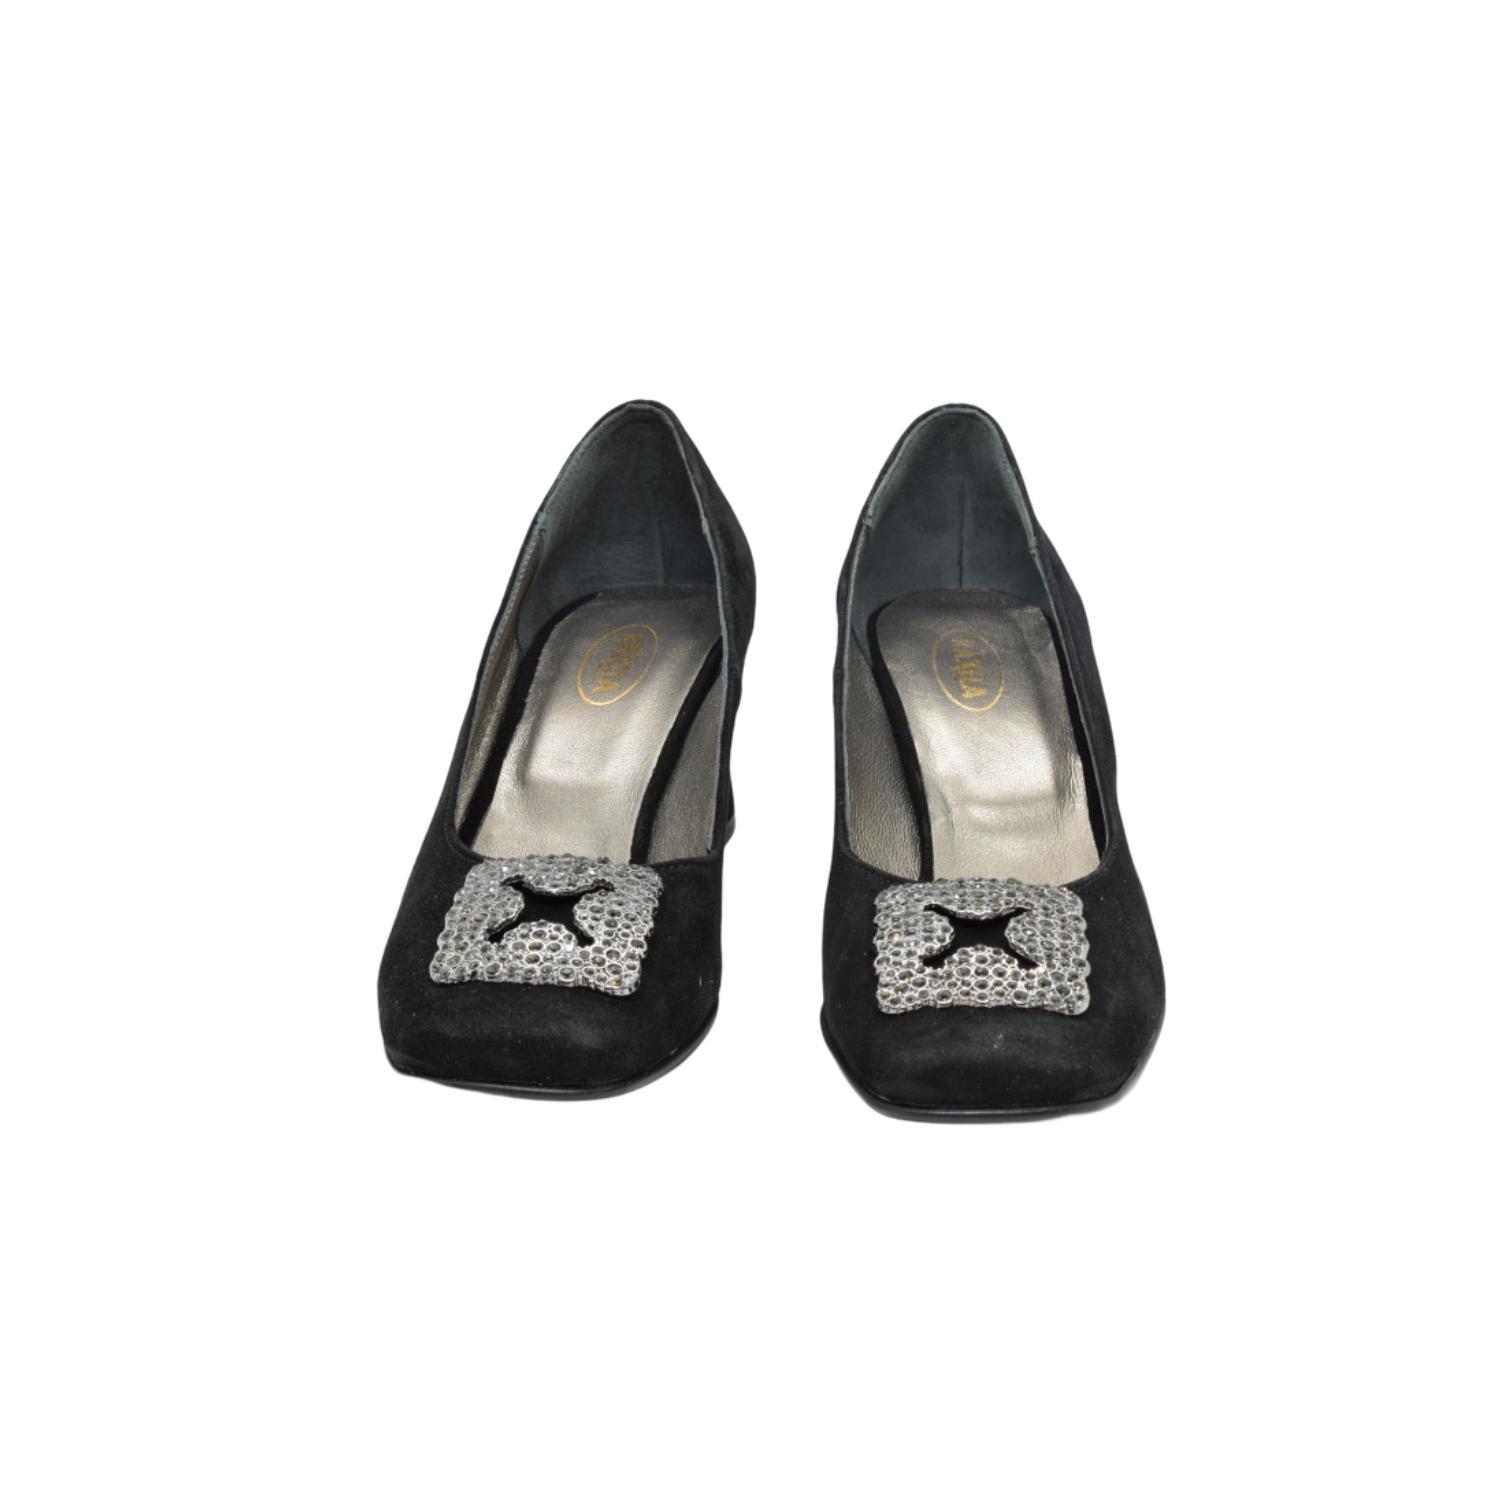 Pantofi negri cu accesoriu metalic